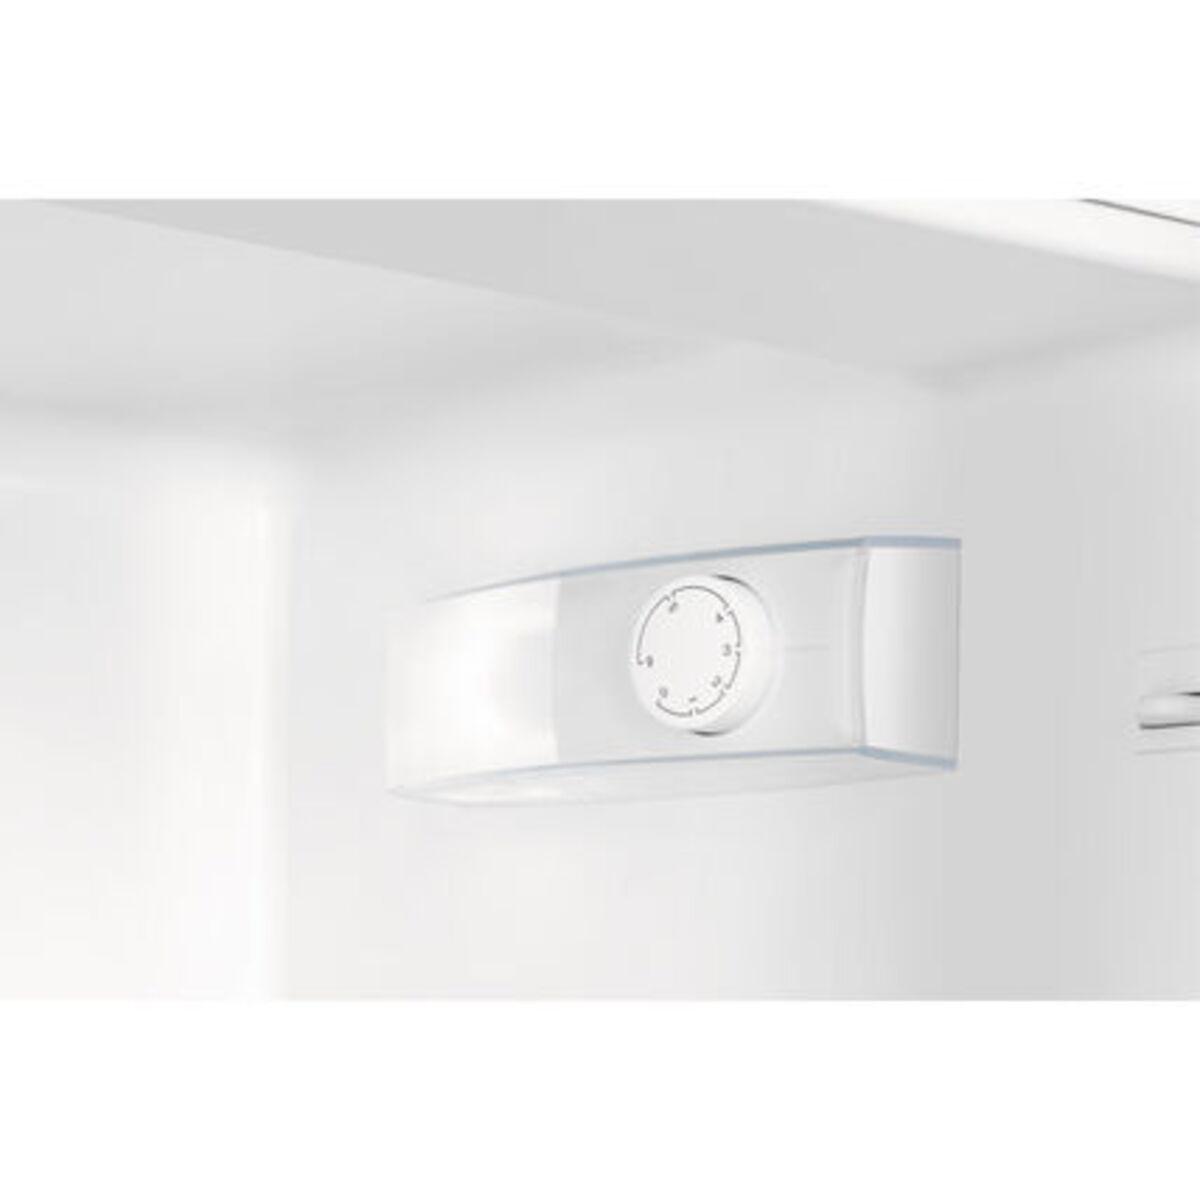 Bild 3 von AEG Santo SFA7882AAS Einbau-Kühlschrank, A++